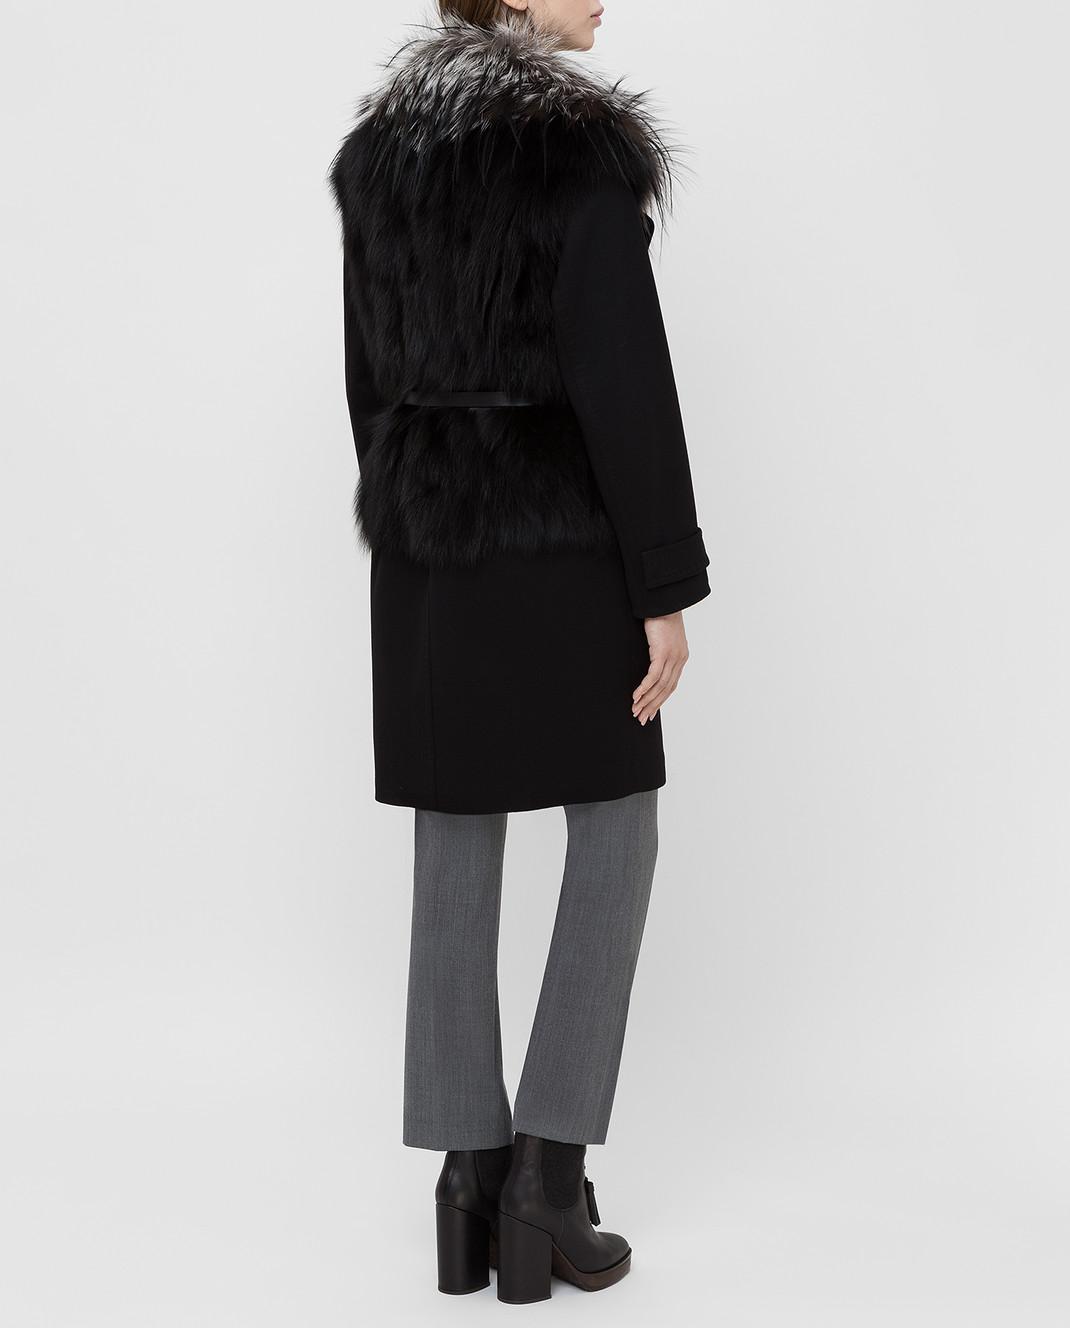 Giuliana Teso Черное пальто из шерсти и кашемира с мехом лисы 64C6060 изображение 4